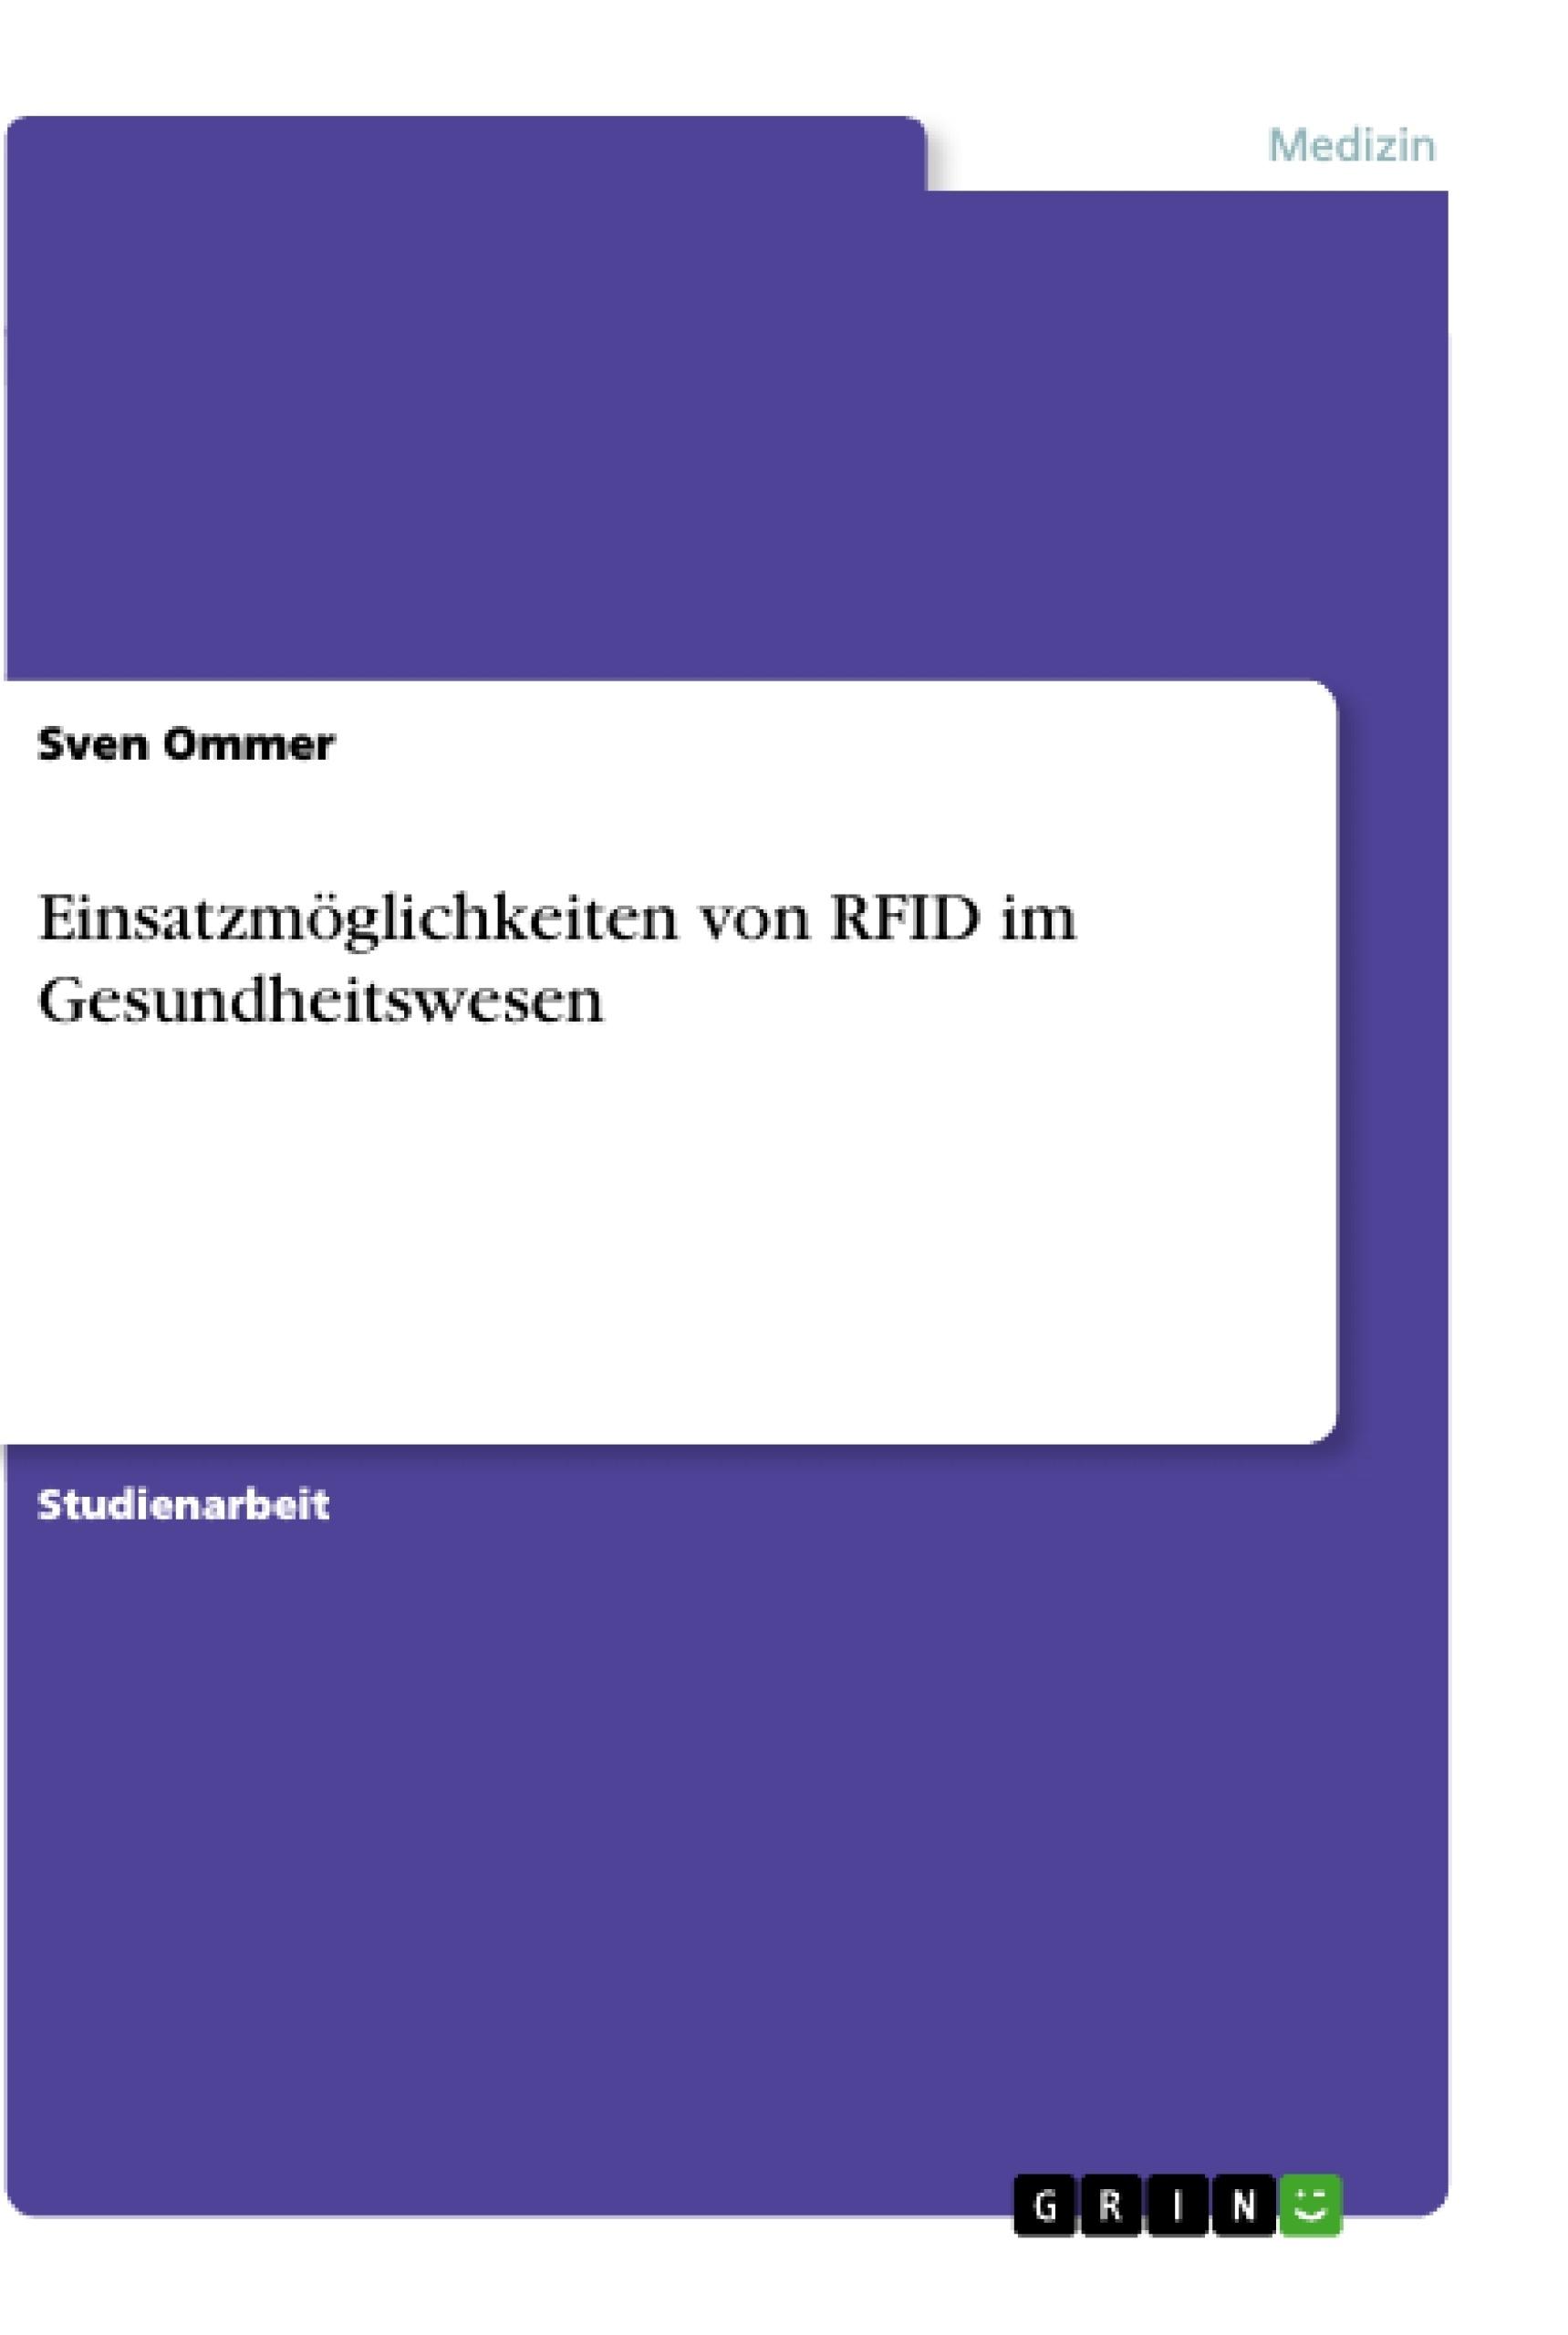 Titel: Einsatzmöglichkeiten von RFID im Gesundheitswesen